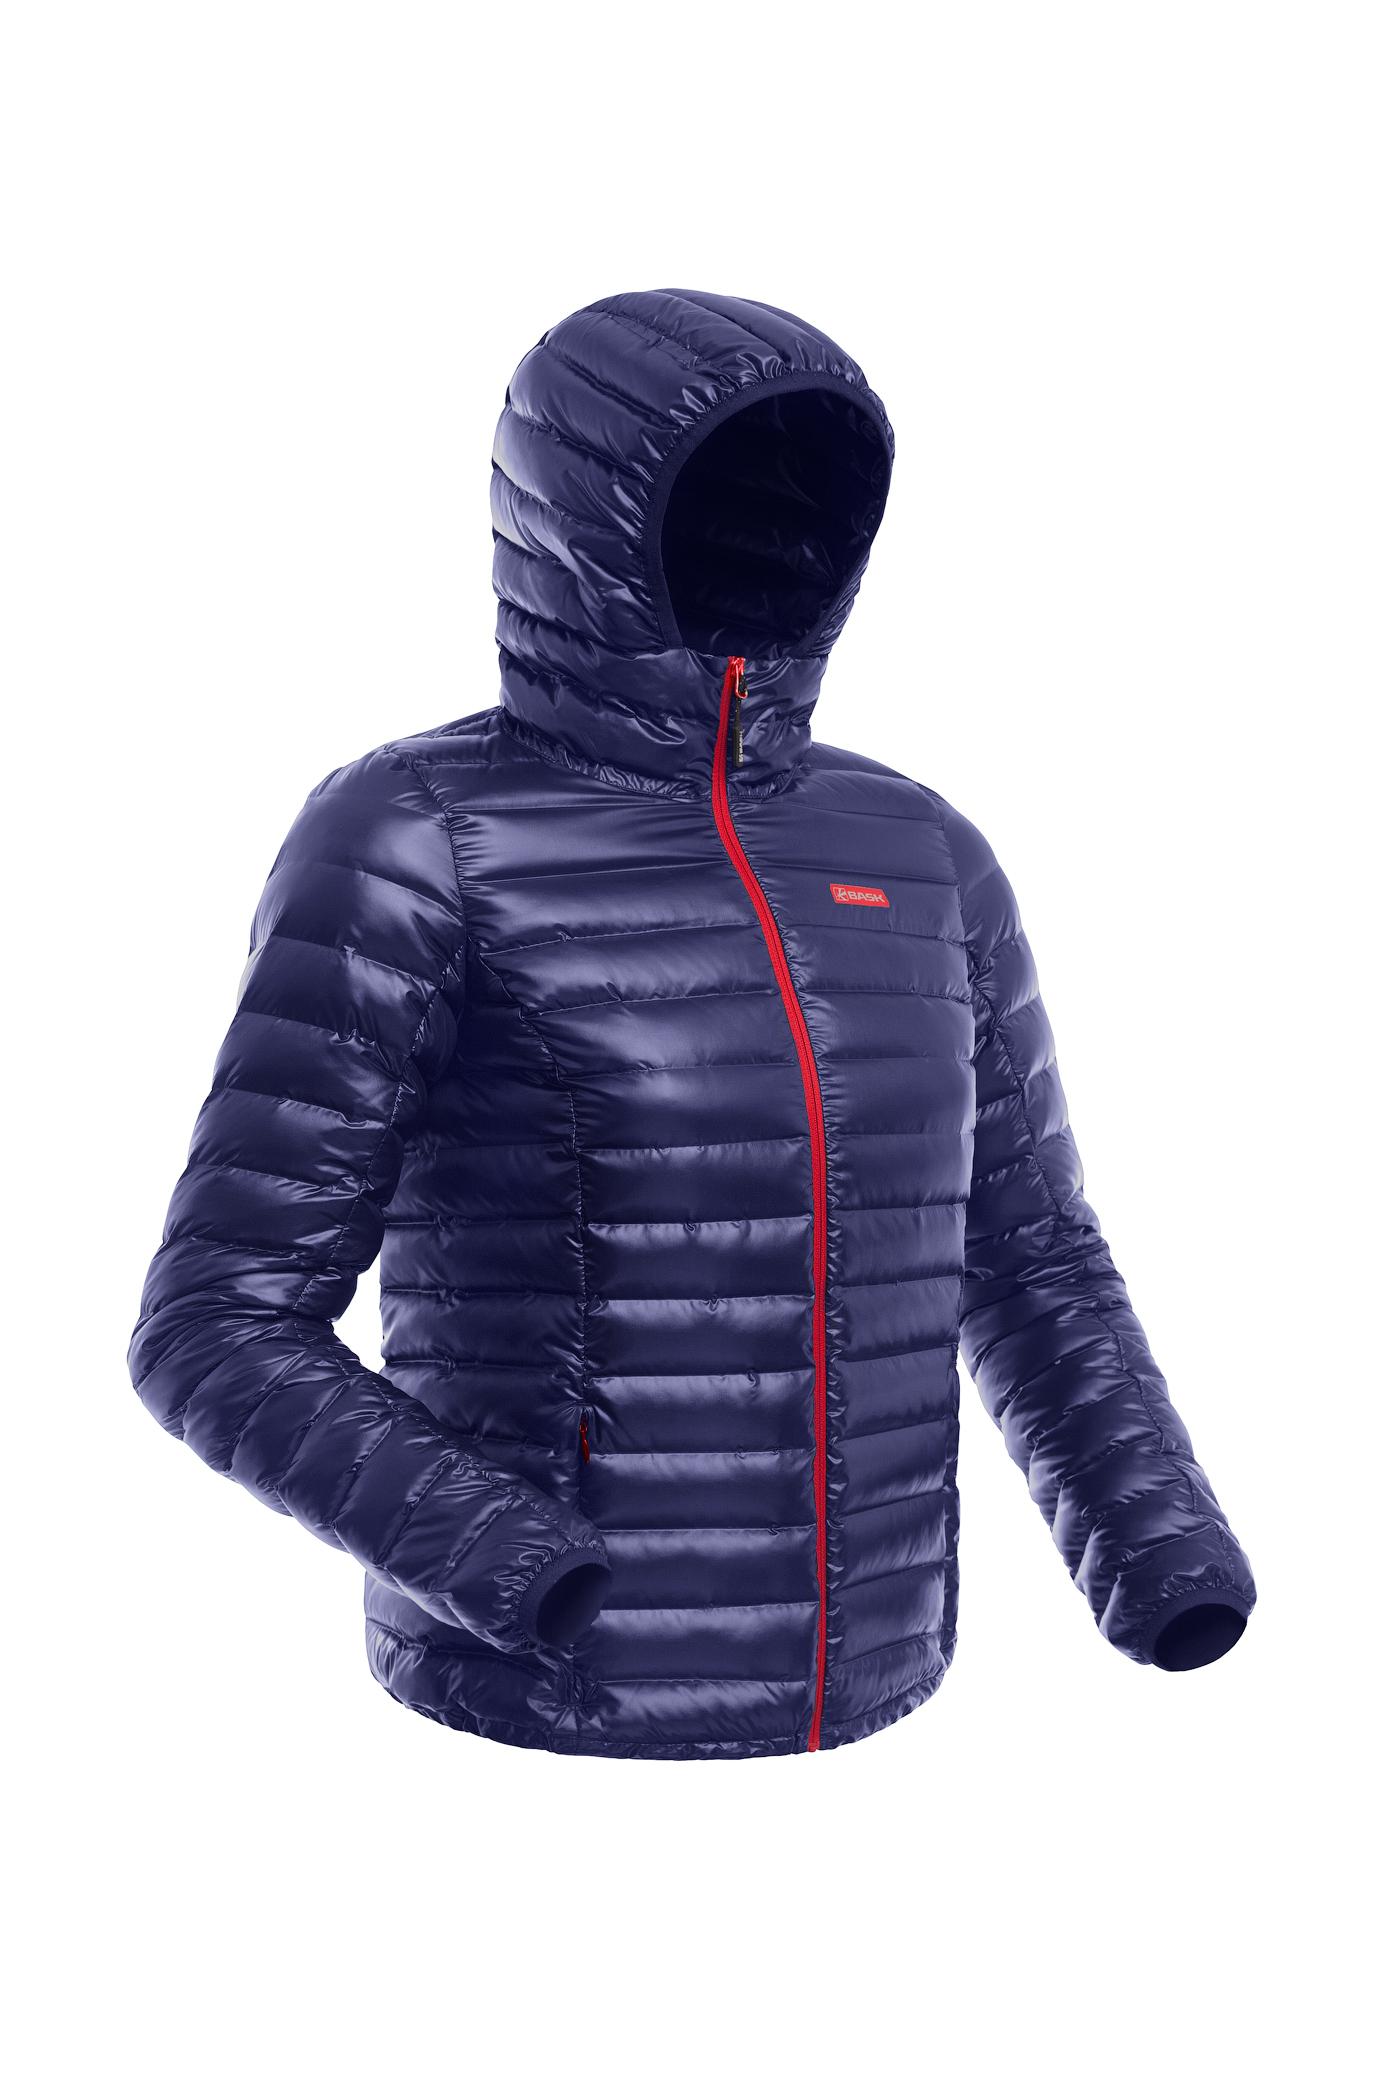 Пуховая куртка BASK CHAMONIX LIGHT LJ 3680Куртки<br>Очень легкий универсальный женский пуховик из тонкой, но прочной ткани.<br><br>Верхняя ткань: Advance® Superior<br>Вес граммы: 350<br>Вес утеплителя: 120<br>Ветро-влагозащитные свойства верхней ткани: Да<br>Ветрозащитная планка: Да<br>Ветрозащитная юбка: Нет<br>Влагозащитные молнии: Нет<br>Внутренние манжеты: Нет<br>Внутренняя ткань: Advance® Superior<br>Дублирующий центральную молнию клапан: Нет<br>Защитный козырёк капюшона: Нет<br>Капюшон: Несъемный<br>Карман для средств связи: Нет<br>Количество внешних карманов: 2<br>Количество внутренних карманов: 1<br>Мембрана: Нет<br>Объемный крой локтевой зоны: Нет<br>Отстёгивающиеся рукава: Нет<br>Показатель Fill Power (для пуховых изделий): 800<br>Проклейка швов: Нет<br>Регулировка манжетов рукавов: Нет<br>Регулировка низа: Да<br>Регулировка объёма капюшона: Да<br>Регулировка талии: Нет<br>Регулируемые вентиляционные отверстия: Нет<br>Световозвращающая лента: Нет<br>Температурный режим: -10<br>Технология Thermal Welding: Нет<br>Технология швов: Простые<br>Тип молнии: Однозамковая<br>Тип утеплителя: Натуральный<br>Ткань усиления: нет<br>Усиление контактных зон: Нет<br>Утеплитель: Гусиный пух<br>Размер RU: 42<br>Цвет: КРАСНЫЙ